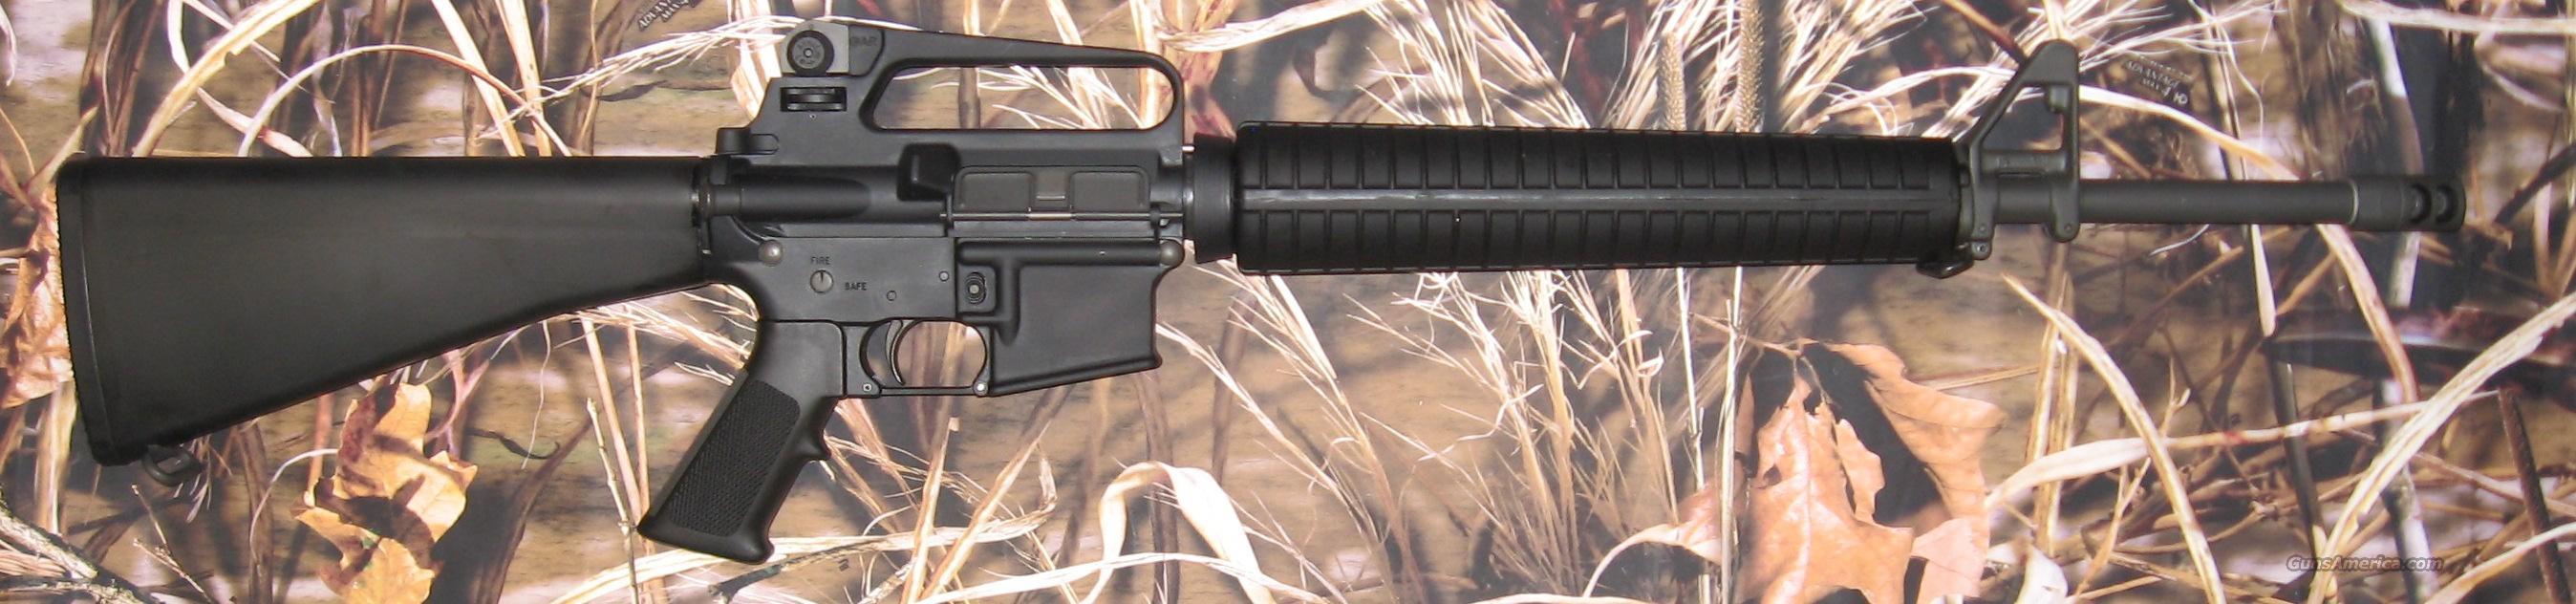 Armalite M-15 A2 Used  Guns > Rifles > Armalite Rifles > Complete Rifles